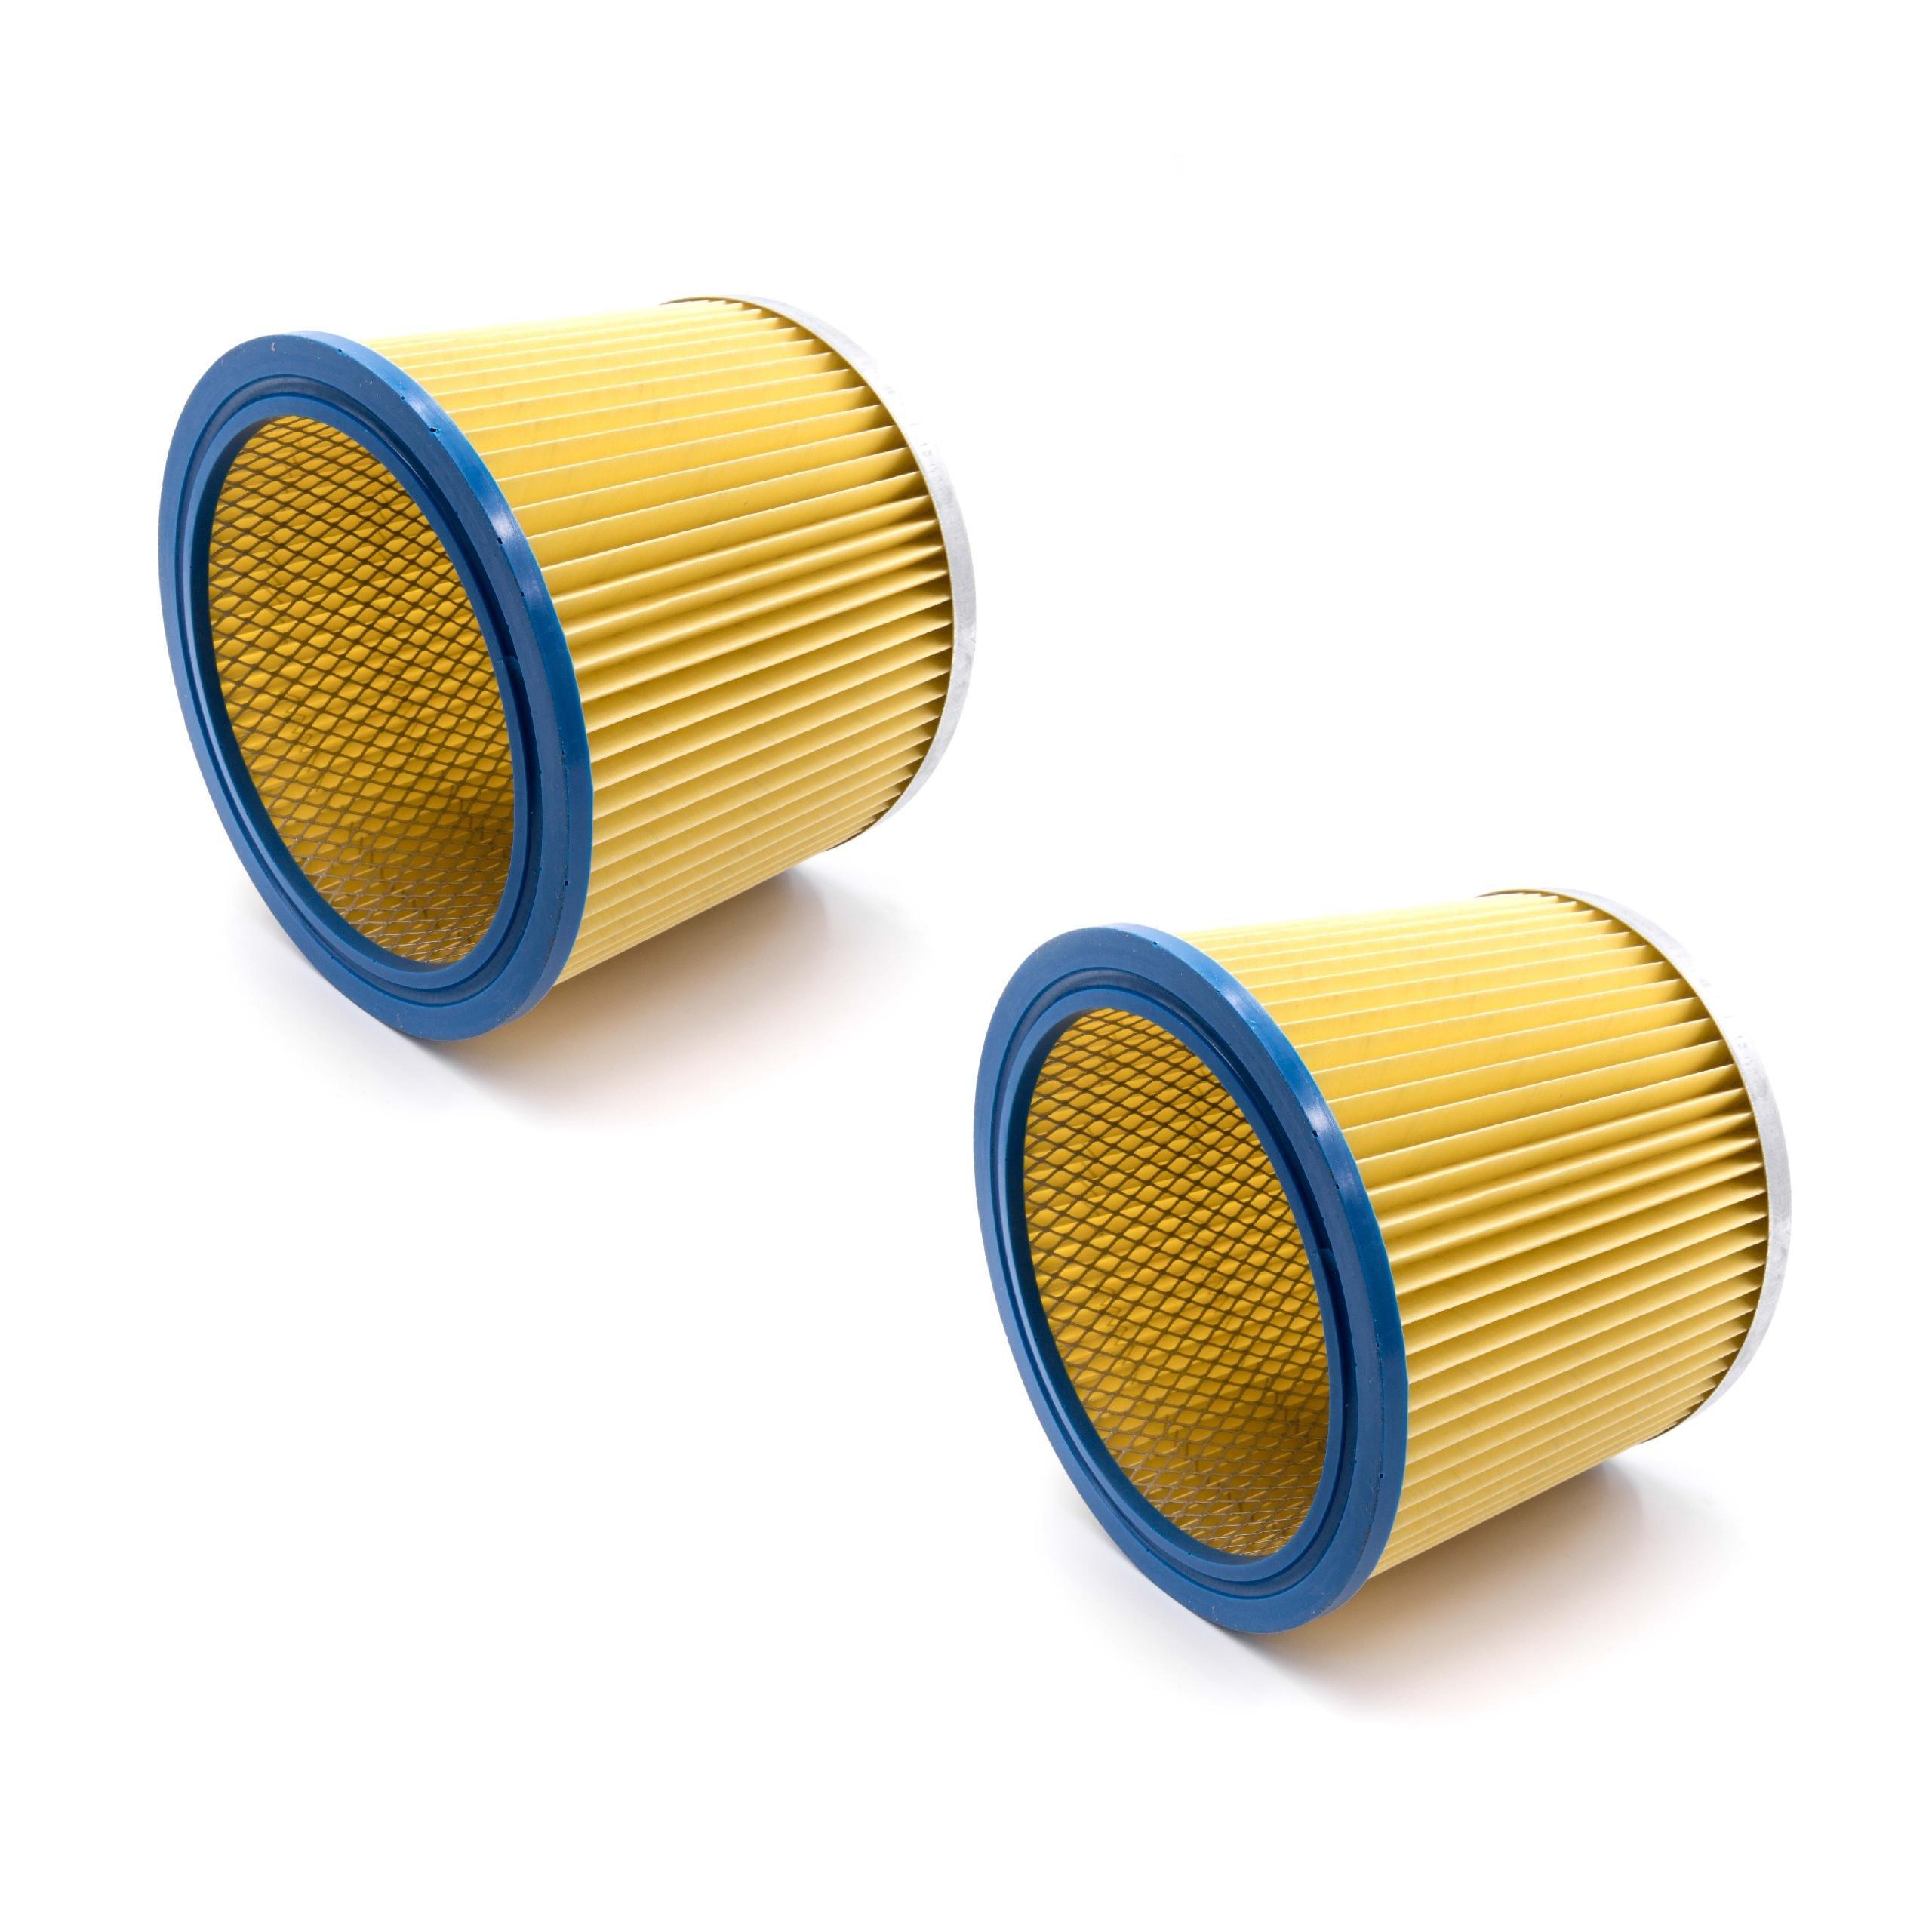 vhbw 2x Filtro redondo/filtro laminado para aspiradoras, robot aspirador, aspirador multiusos Einhell TH-VC 1930 SA: Amazon.es: Hogar